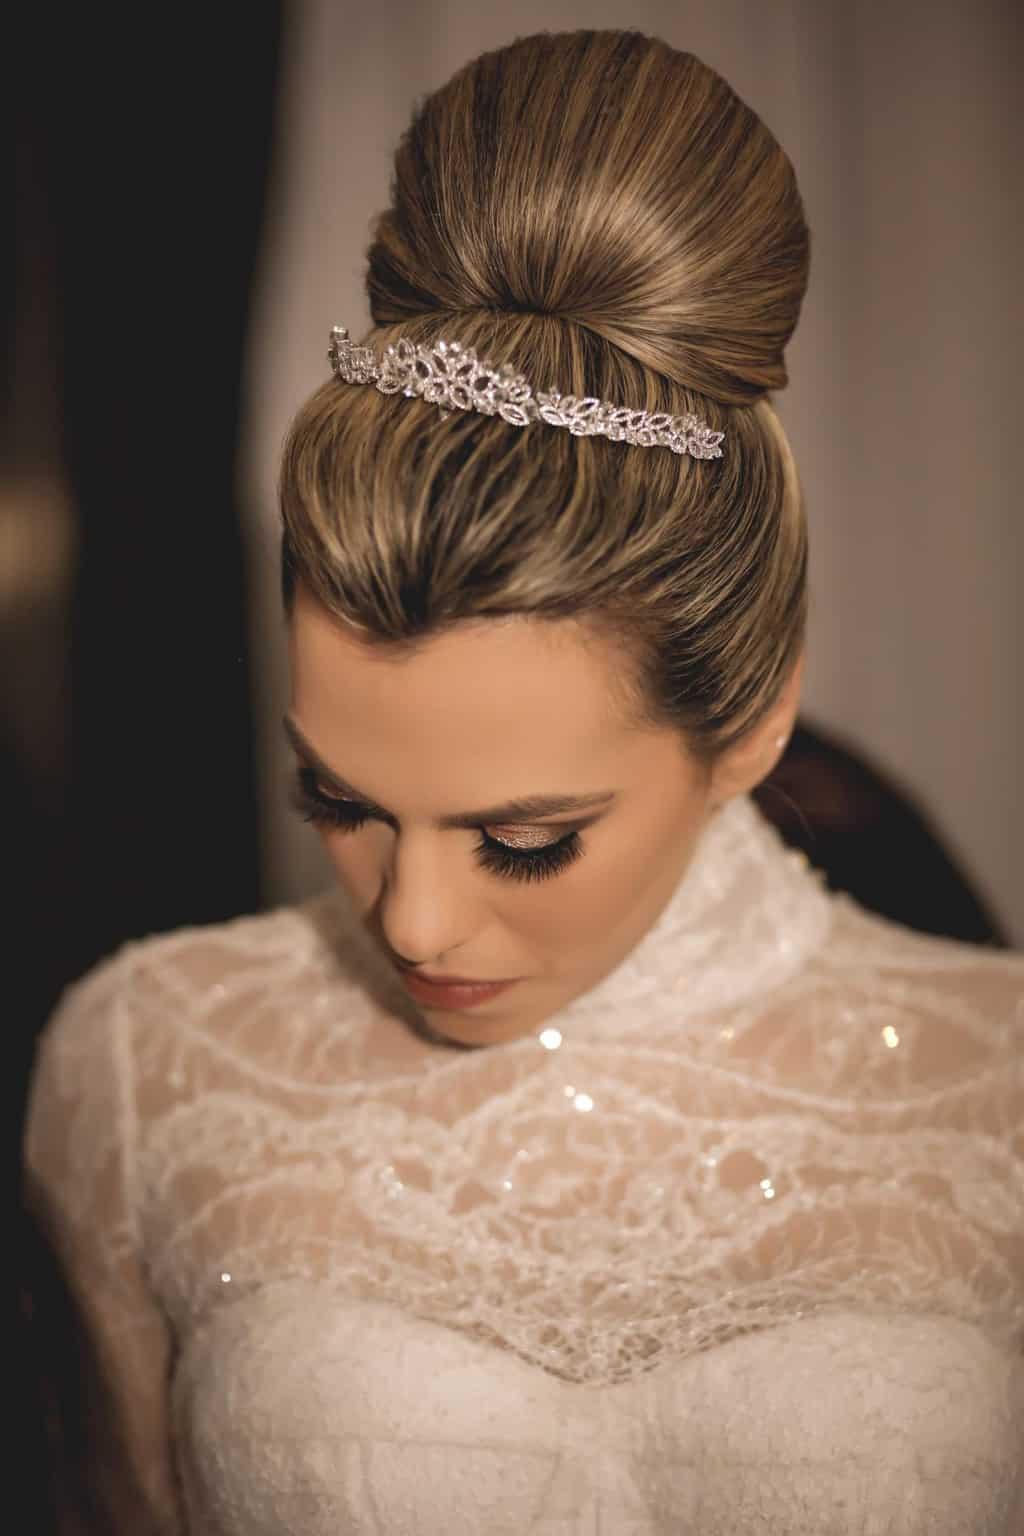 beleza-da-noiva-casamento-Juliana-e-Eduardo-Fotografia-Ricardo-Nascimento-e-Thereza-magno-making-of-Usina-dois-irmãos7